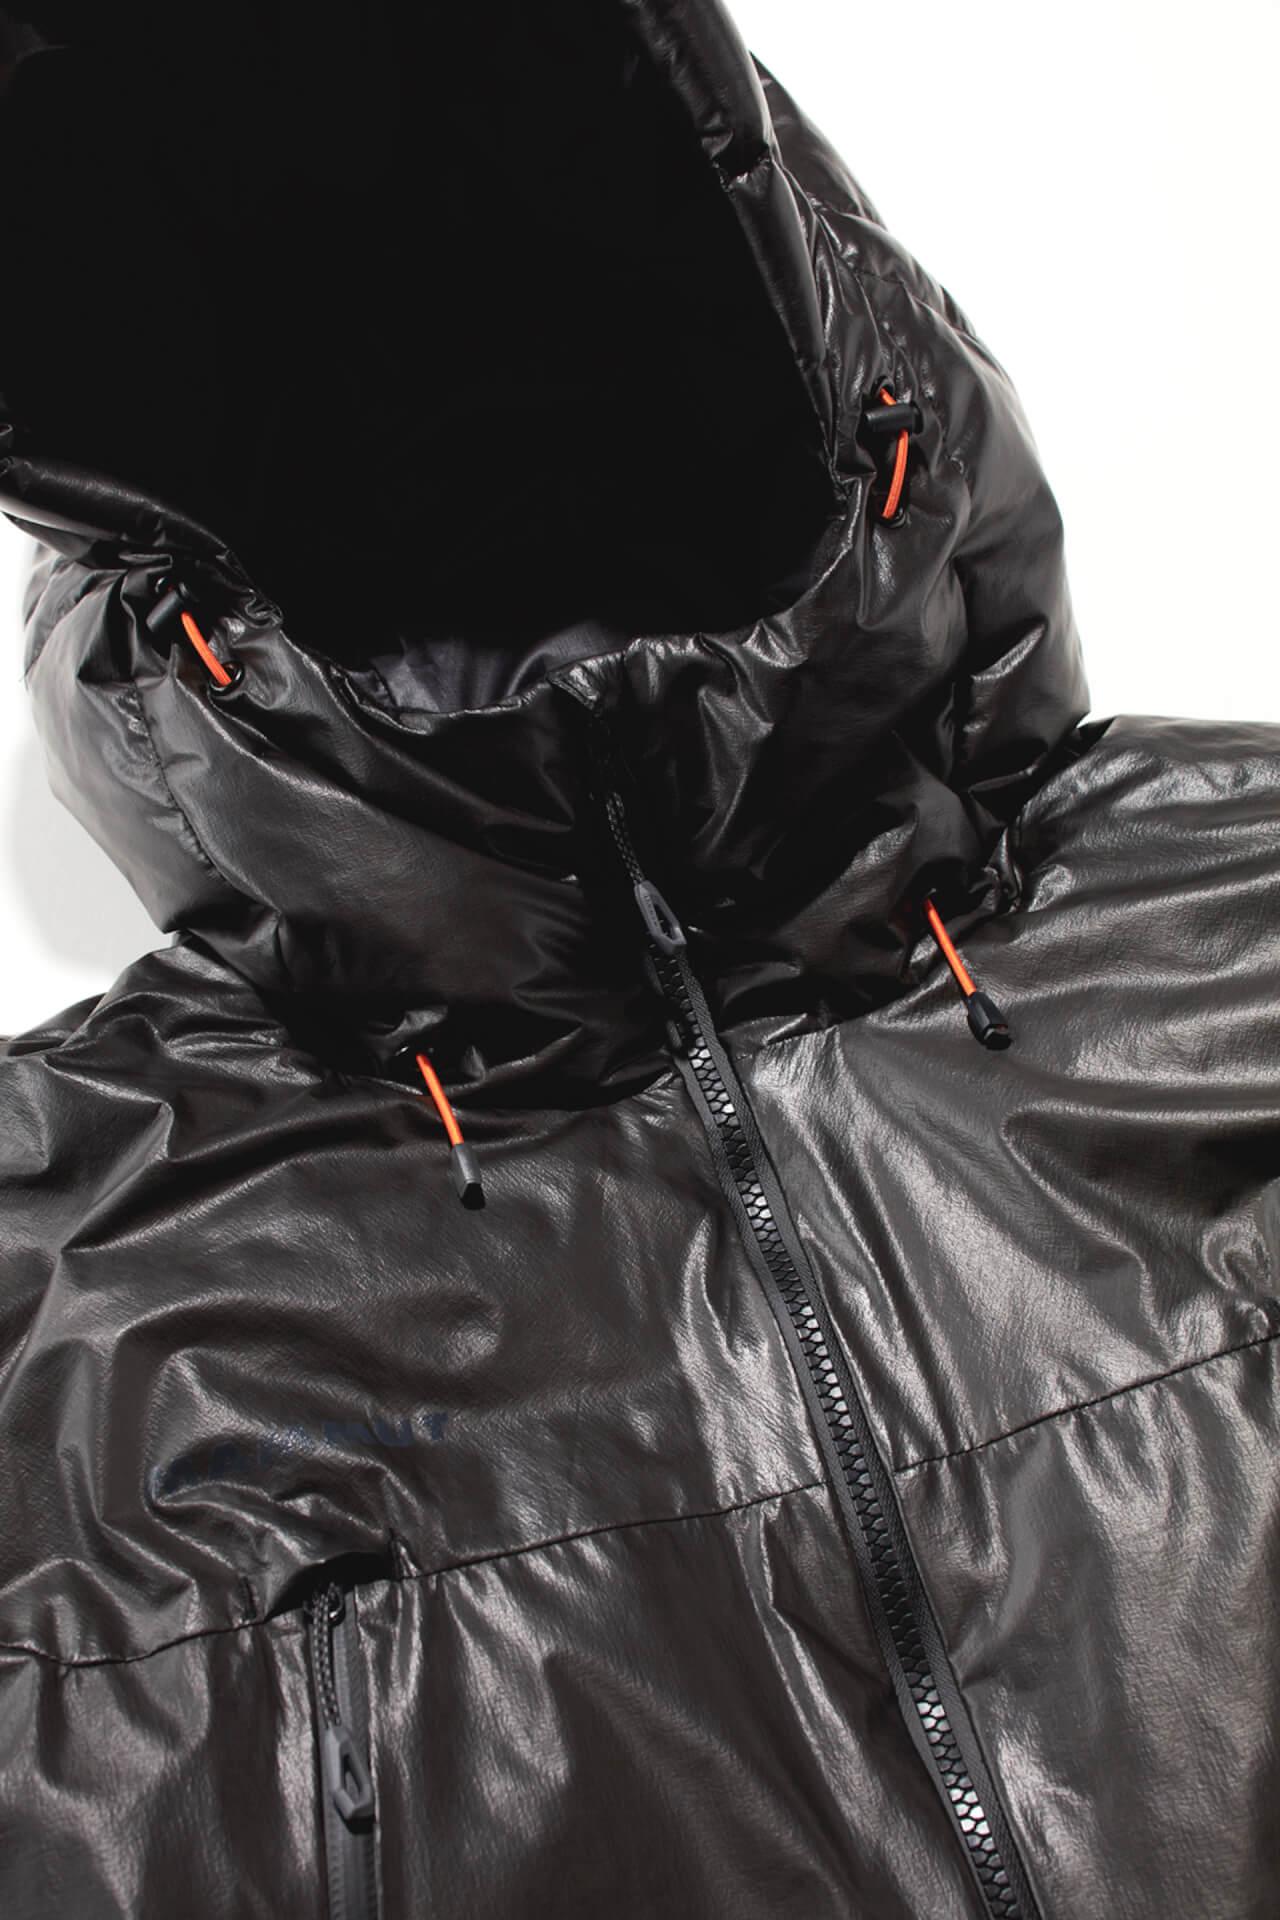 高い保湿力、軽量性を兼ね備えたハイスペックダウン「MAMMUT DELTA X」2ndシーズンが登場 lf190903urbaneering_20